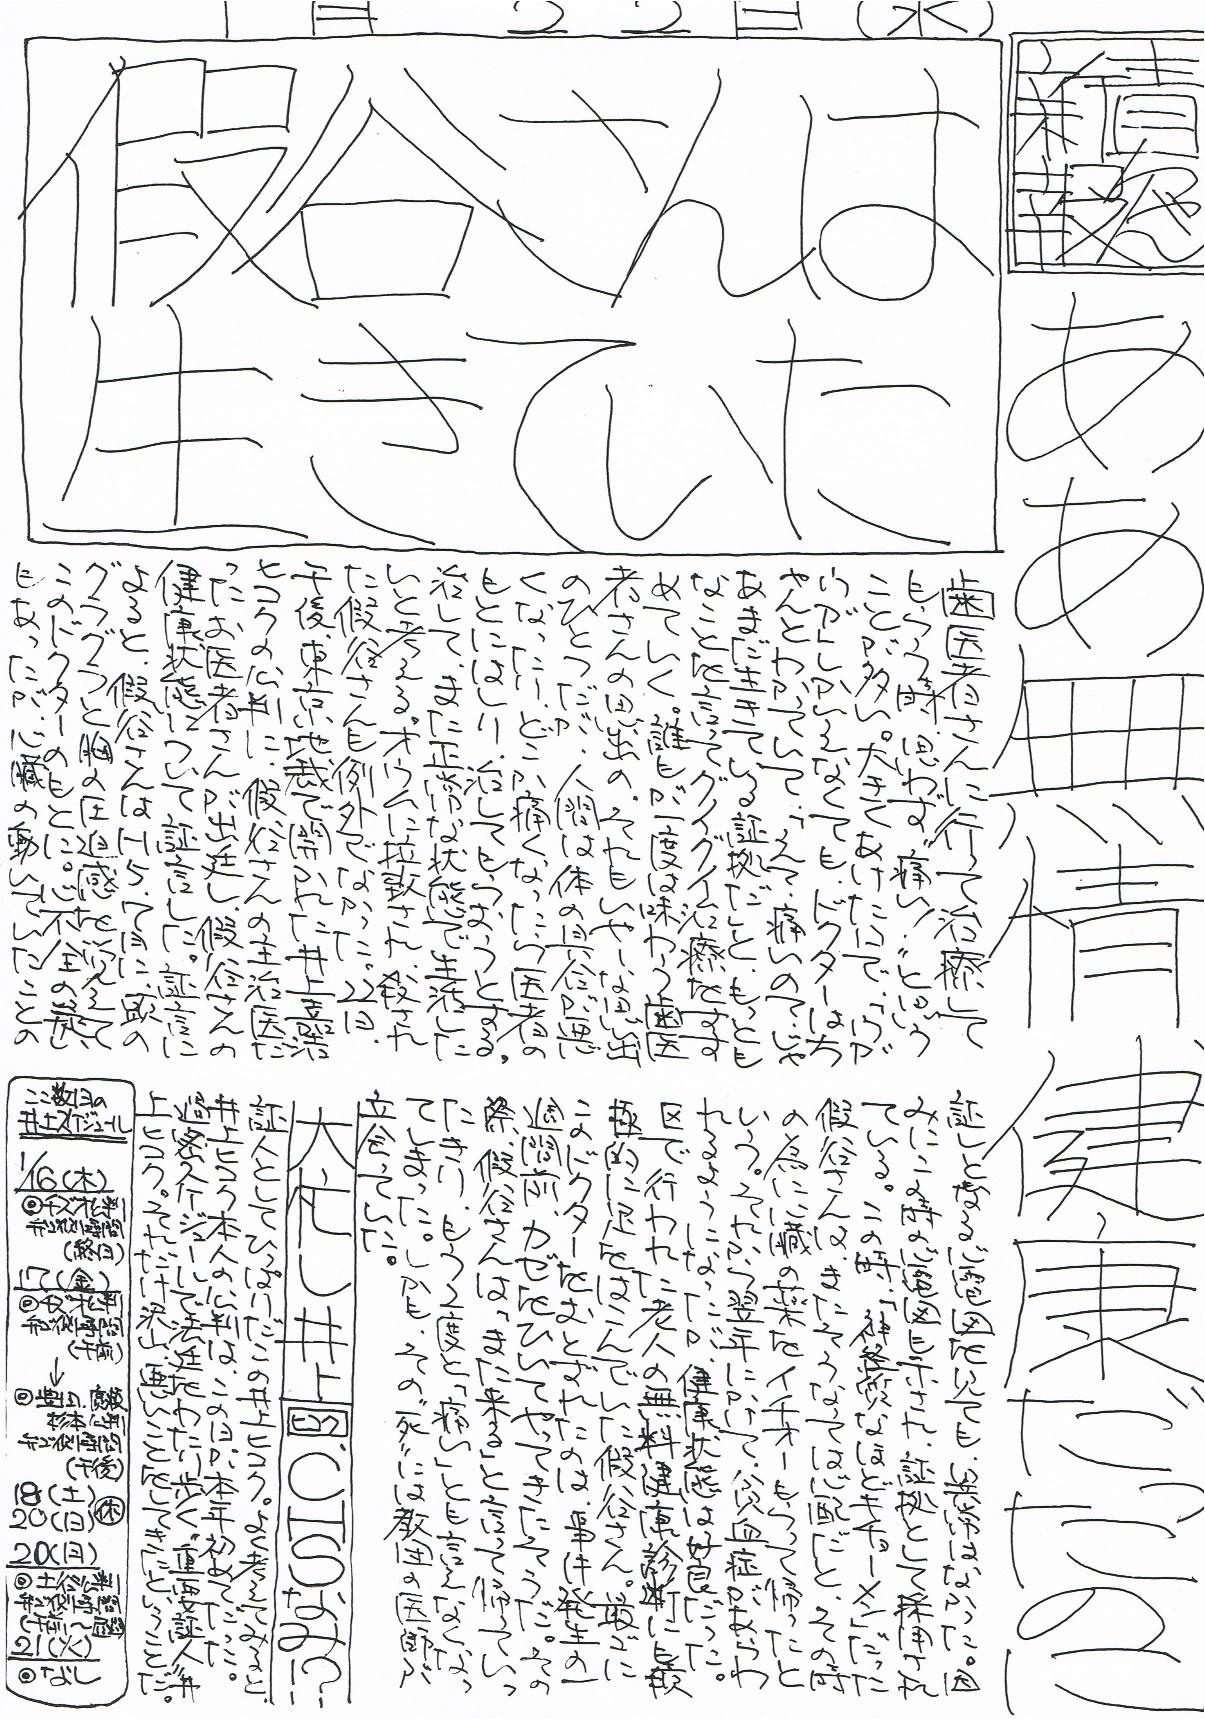 『青ちゃん新報』1997年1月22日号